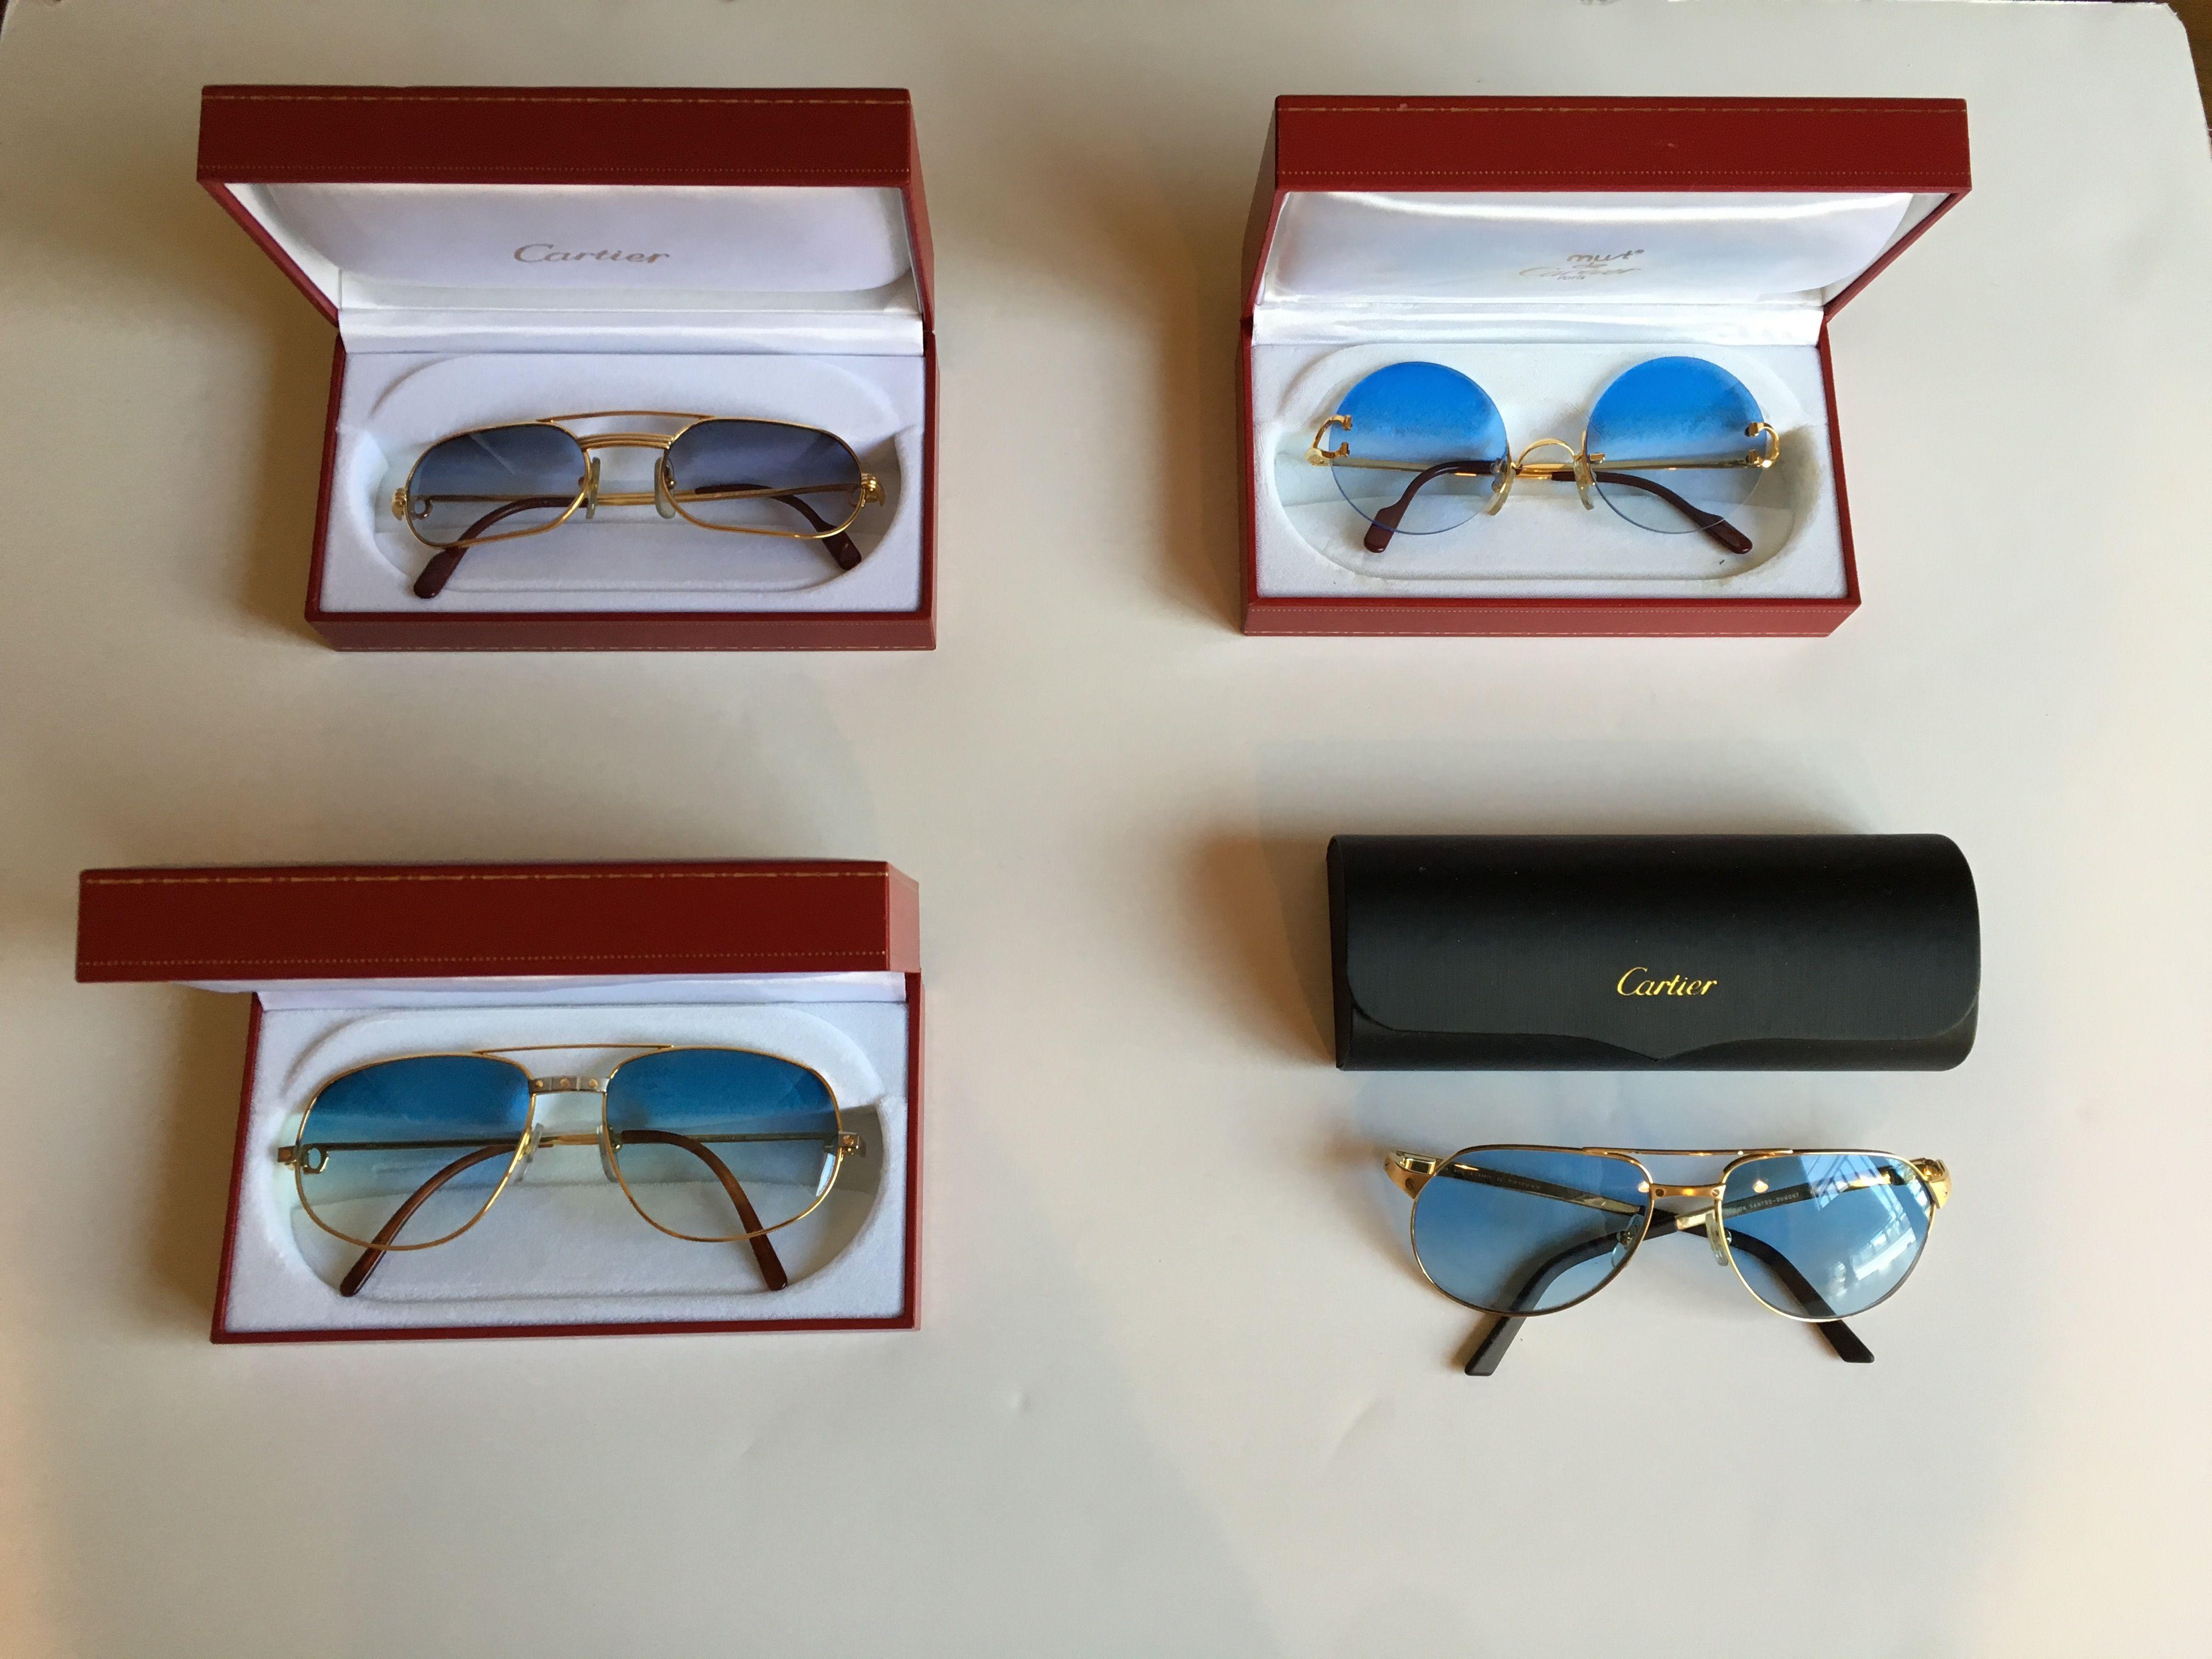 70568370c4 Vintage Cartier sunglasses